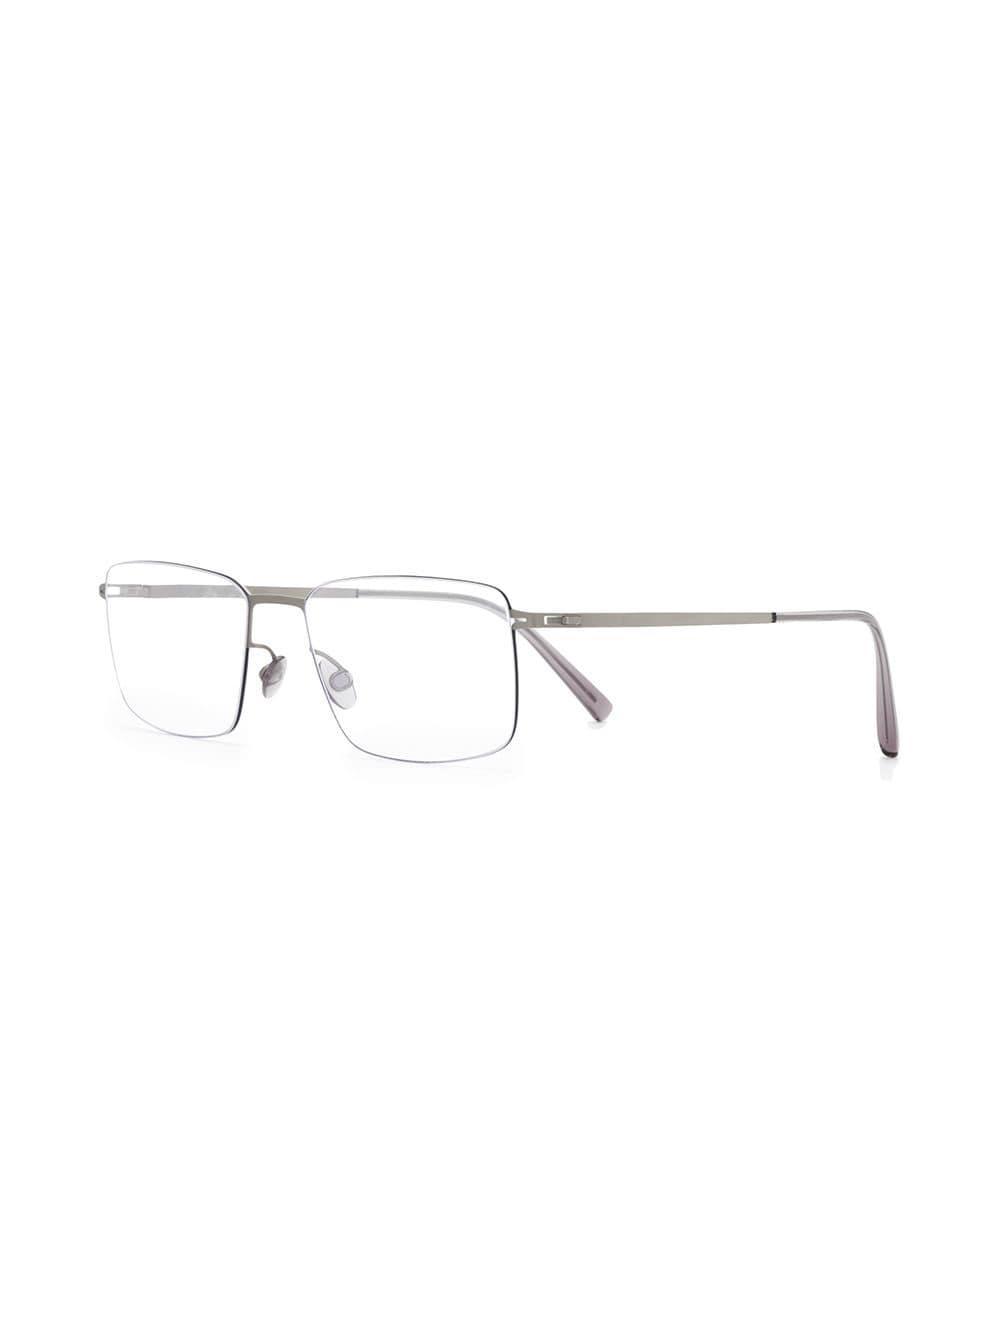 51c4b905175 Mykita Rectangular Glasses Frames in Metallic for Men - Lyst